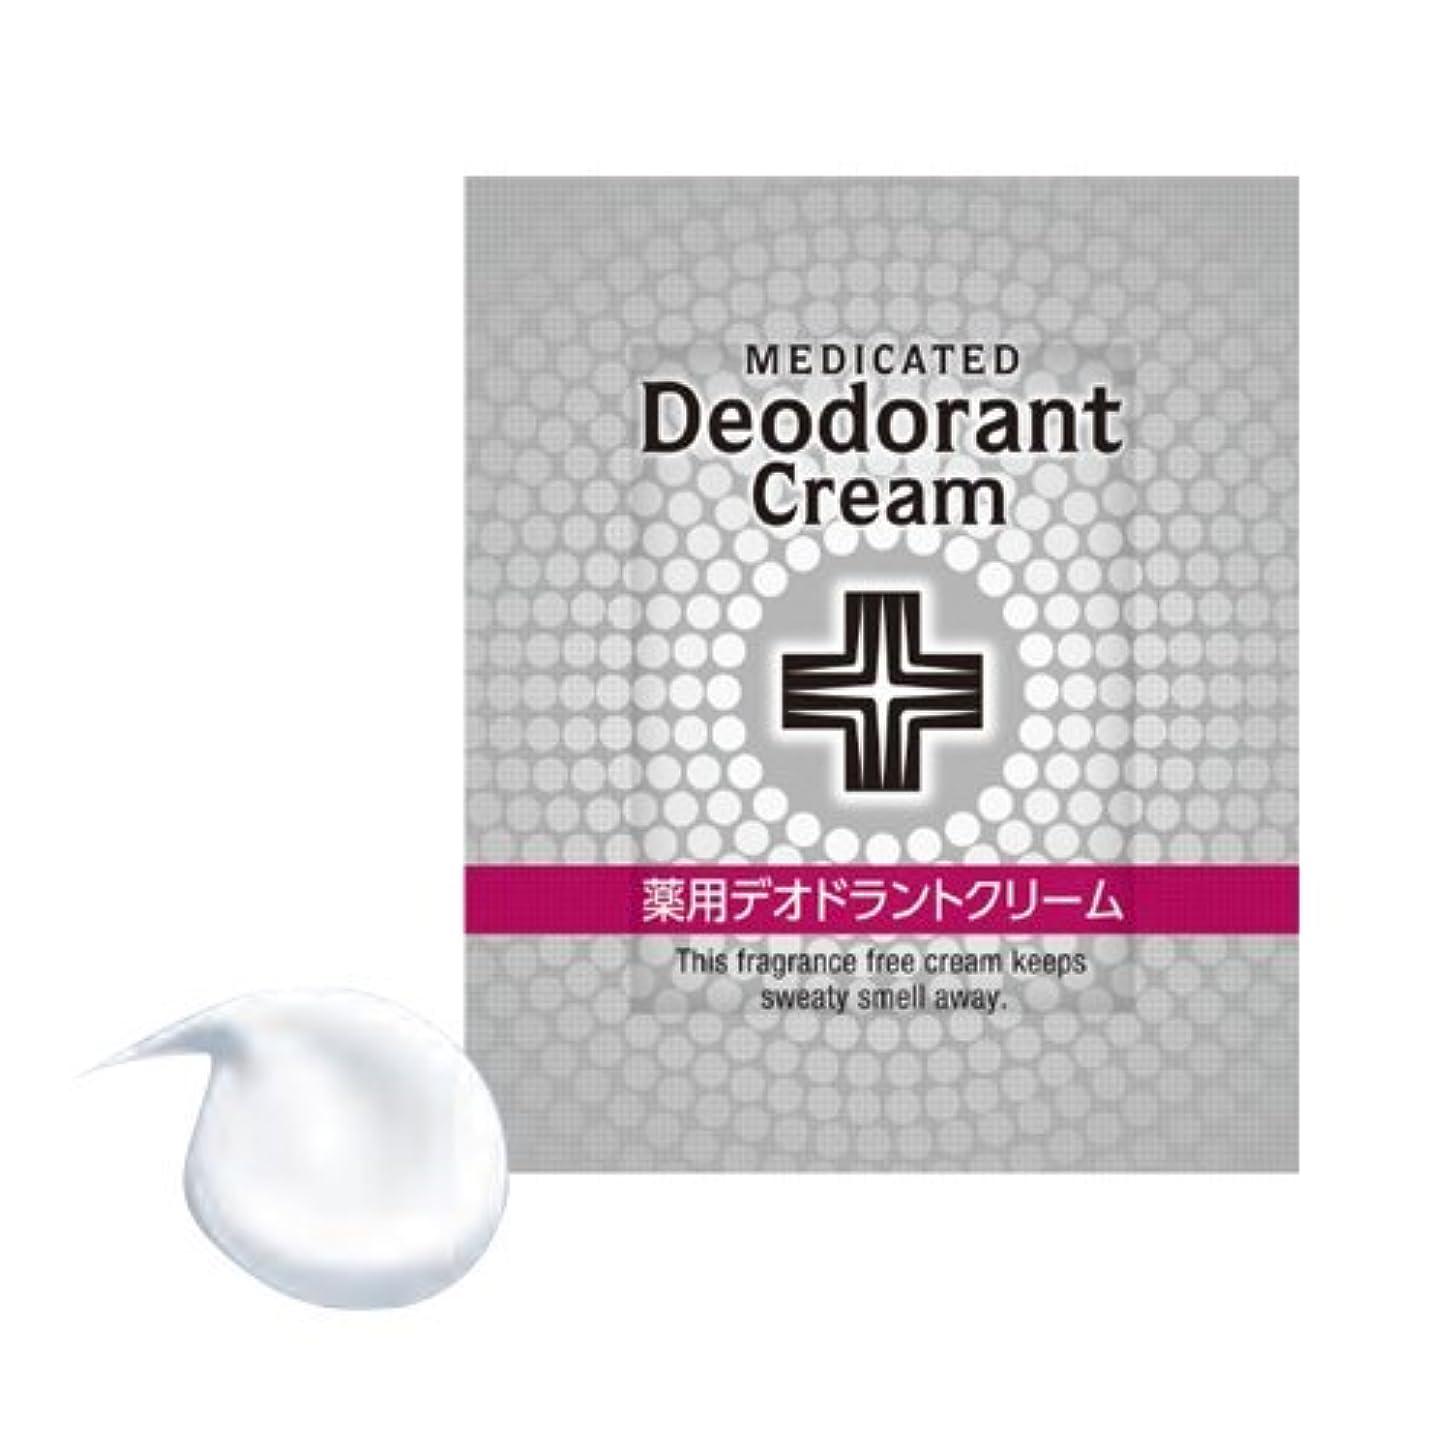 ズボンナビゲーション感謝しているウテナ商事 薬用デオドラントクリーム 1g 20個